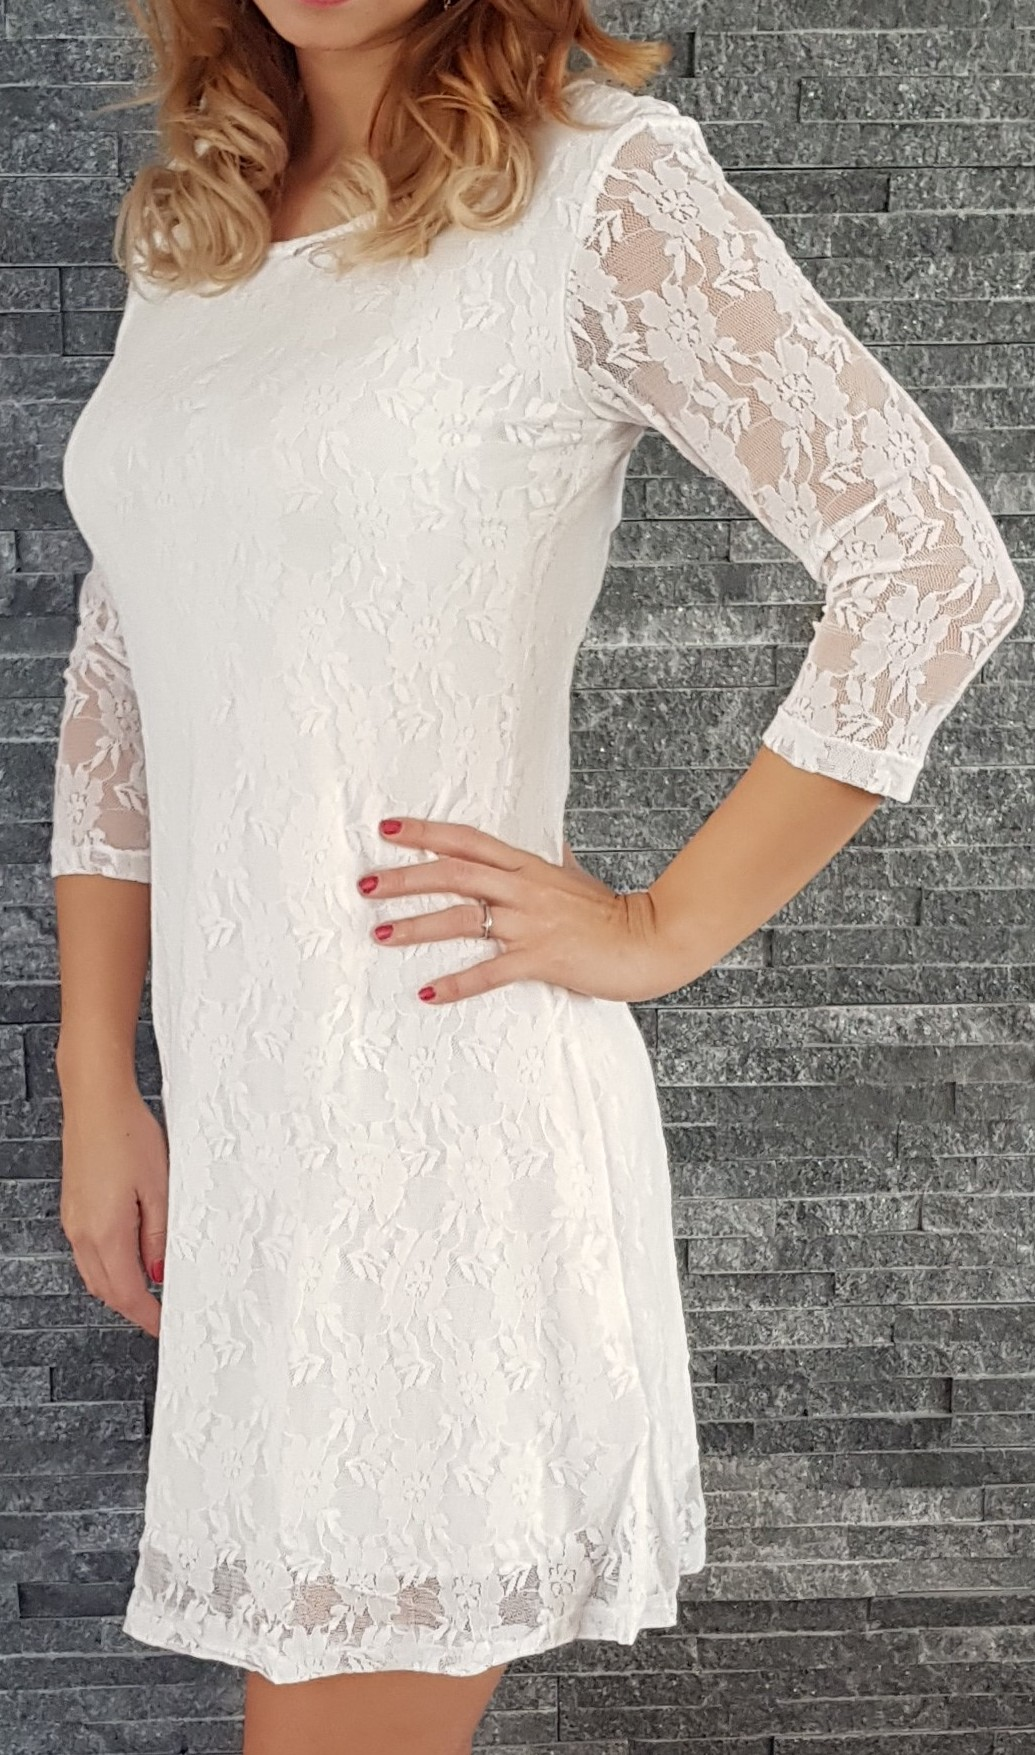 c2e32559cc91 Čipkované šaty Klasika biele